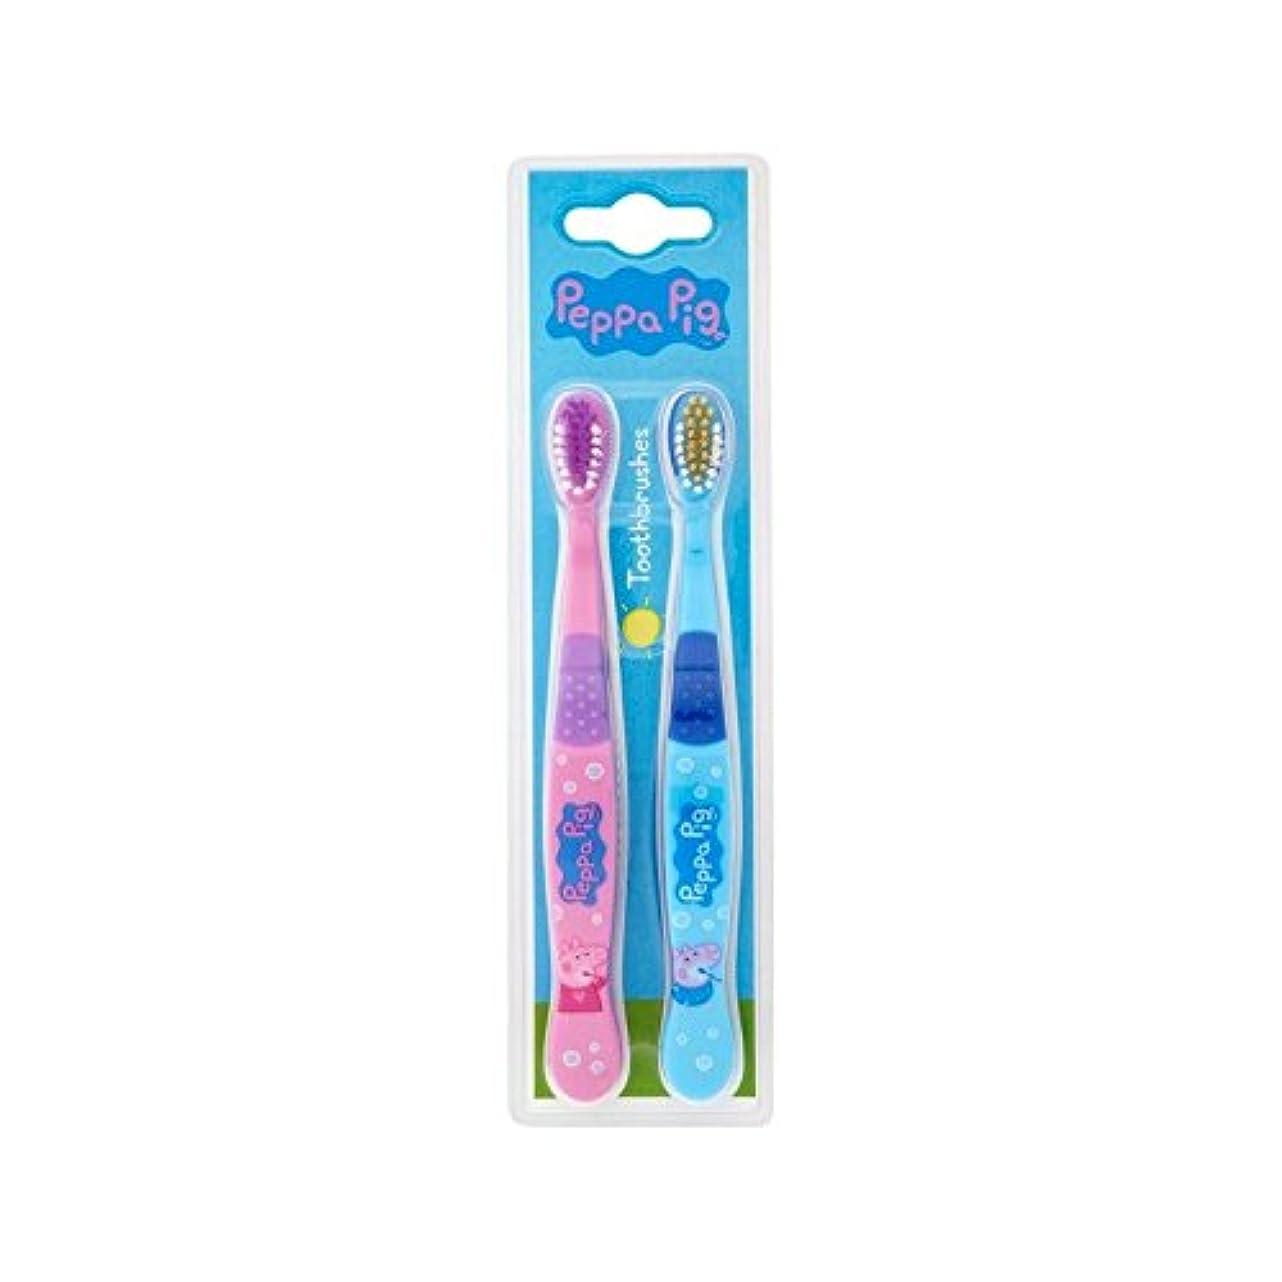 ロータリー爆発王室1パックツイン歯ブラシ2 (Peppa Pig) (x 2) - Peppa Pig Twin Toothbrush 2 per pack (Pack of 2) [並行輸入品]